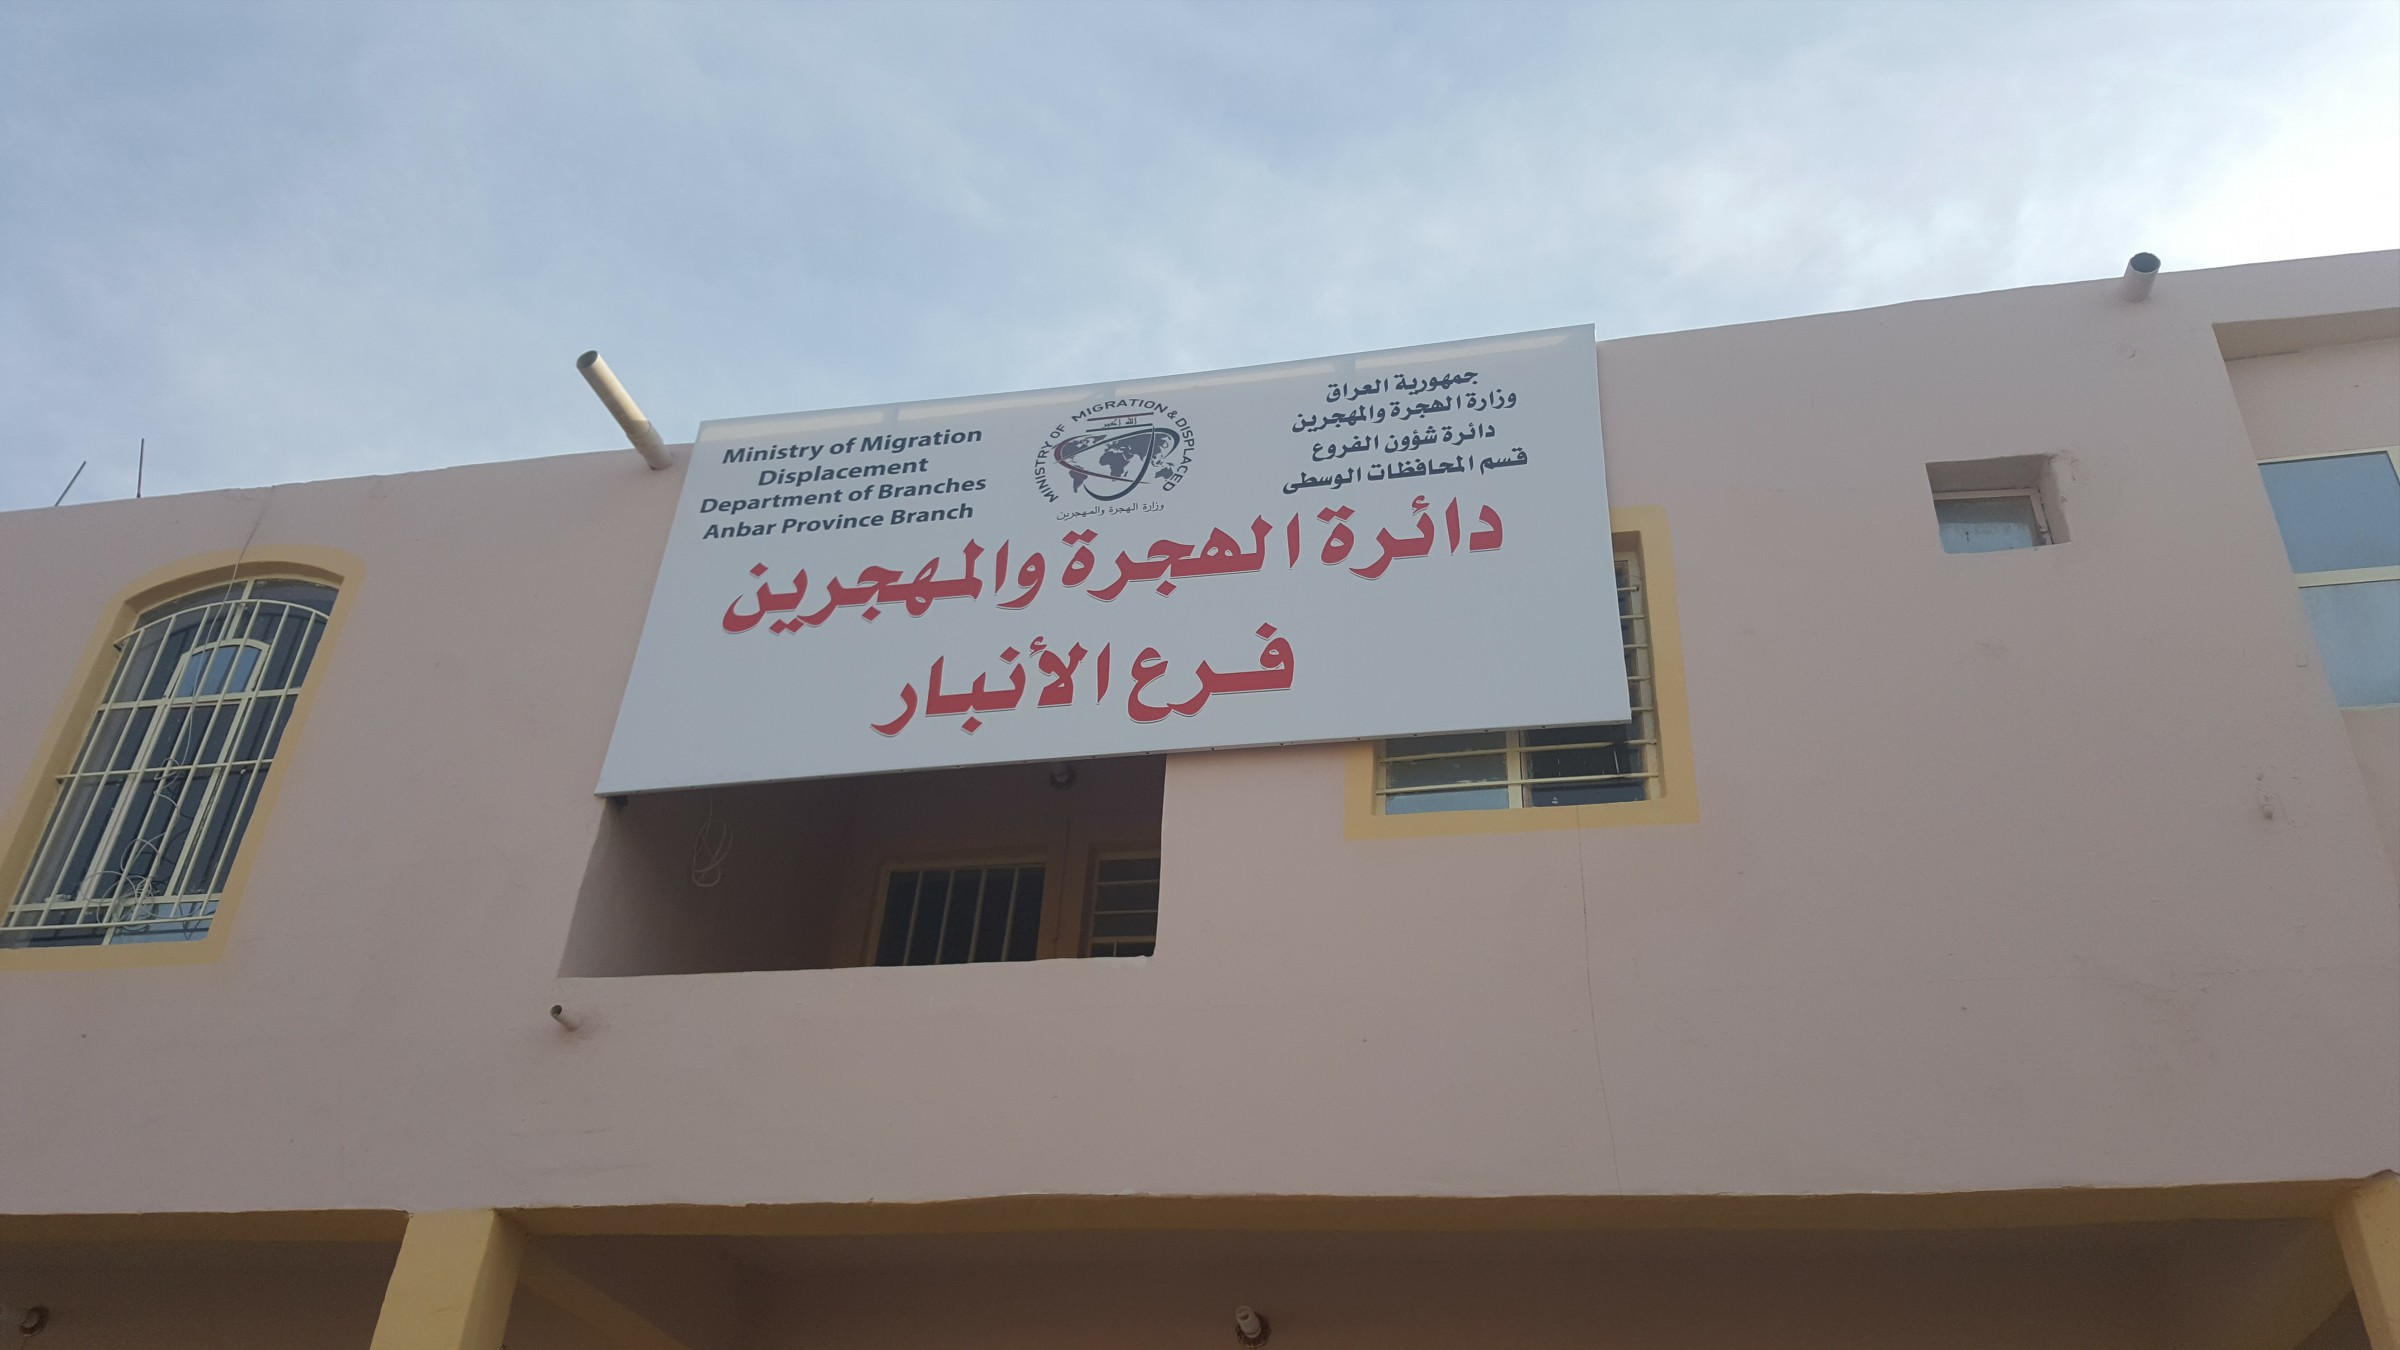 هجرة الأنبار تعلن عودة 125 ألف اسرة نازحة الى المحافظة